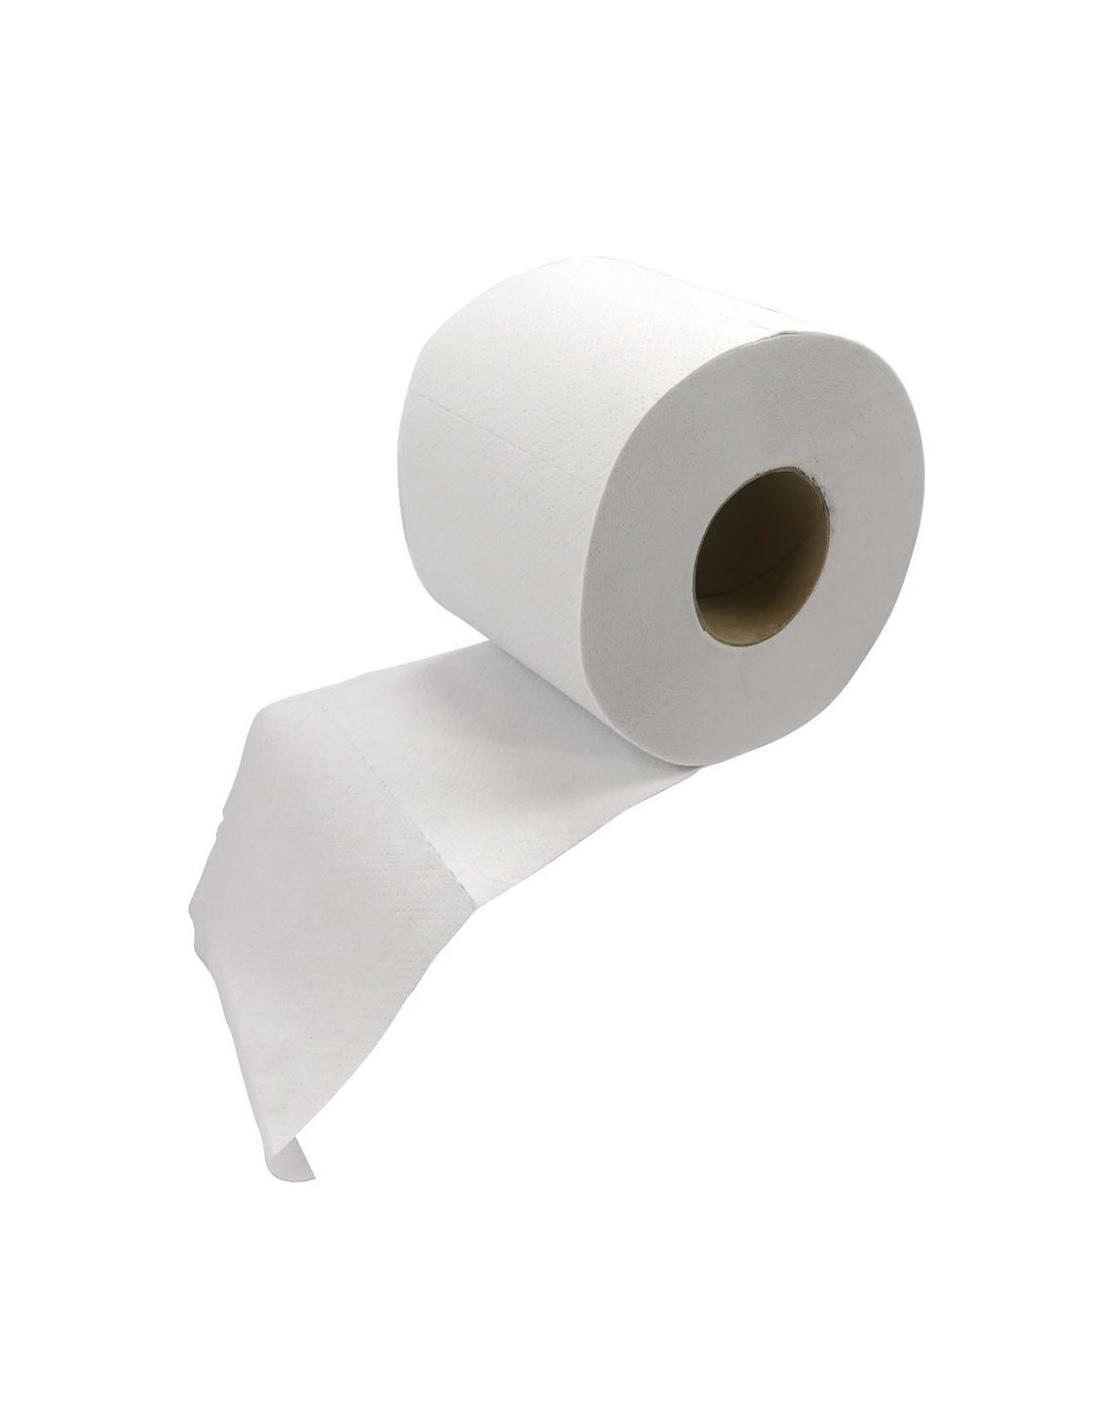 Fabriquer Un Dévidoir Papier Toilette 18 rlx de papier hygiénique 400 feuilles ecolabel papeco